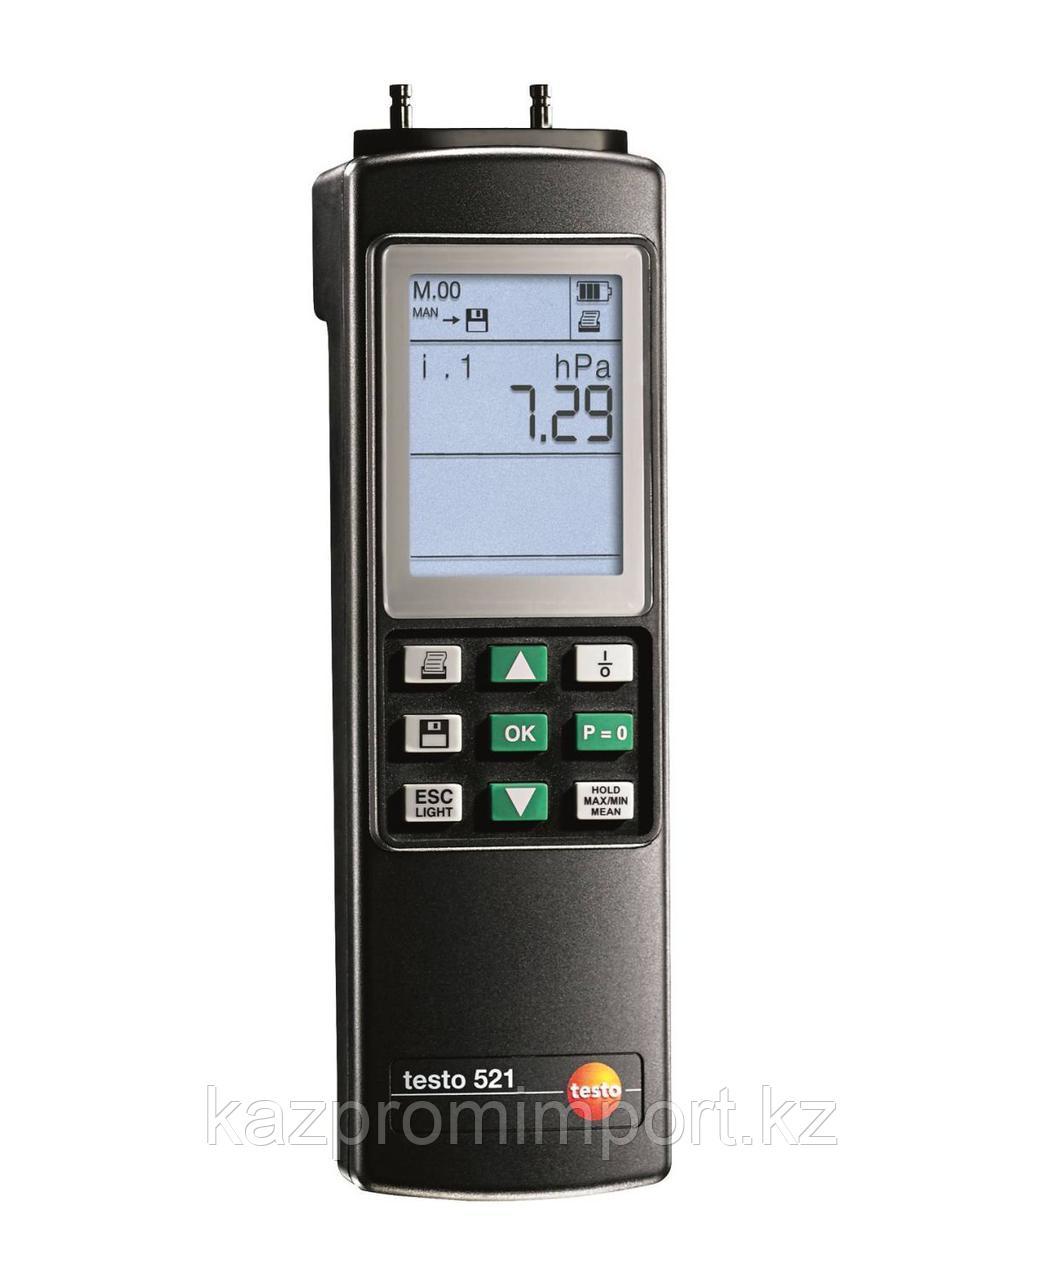 Testo 521-2 - Дифференциальный манометр